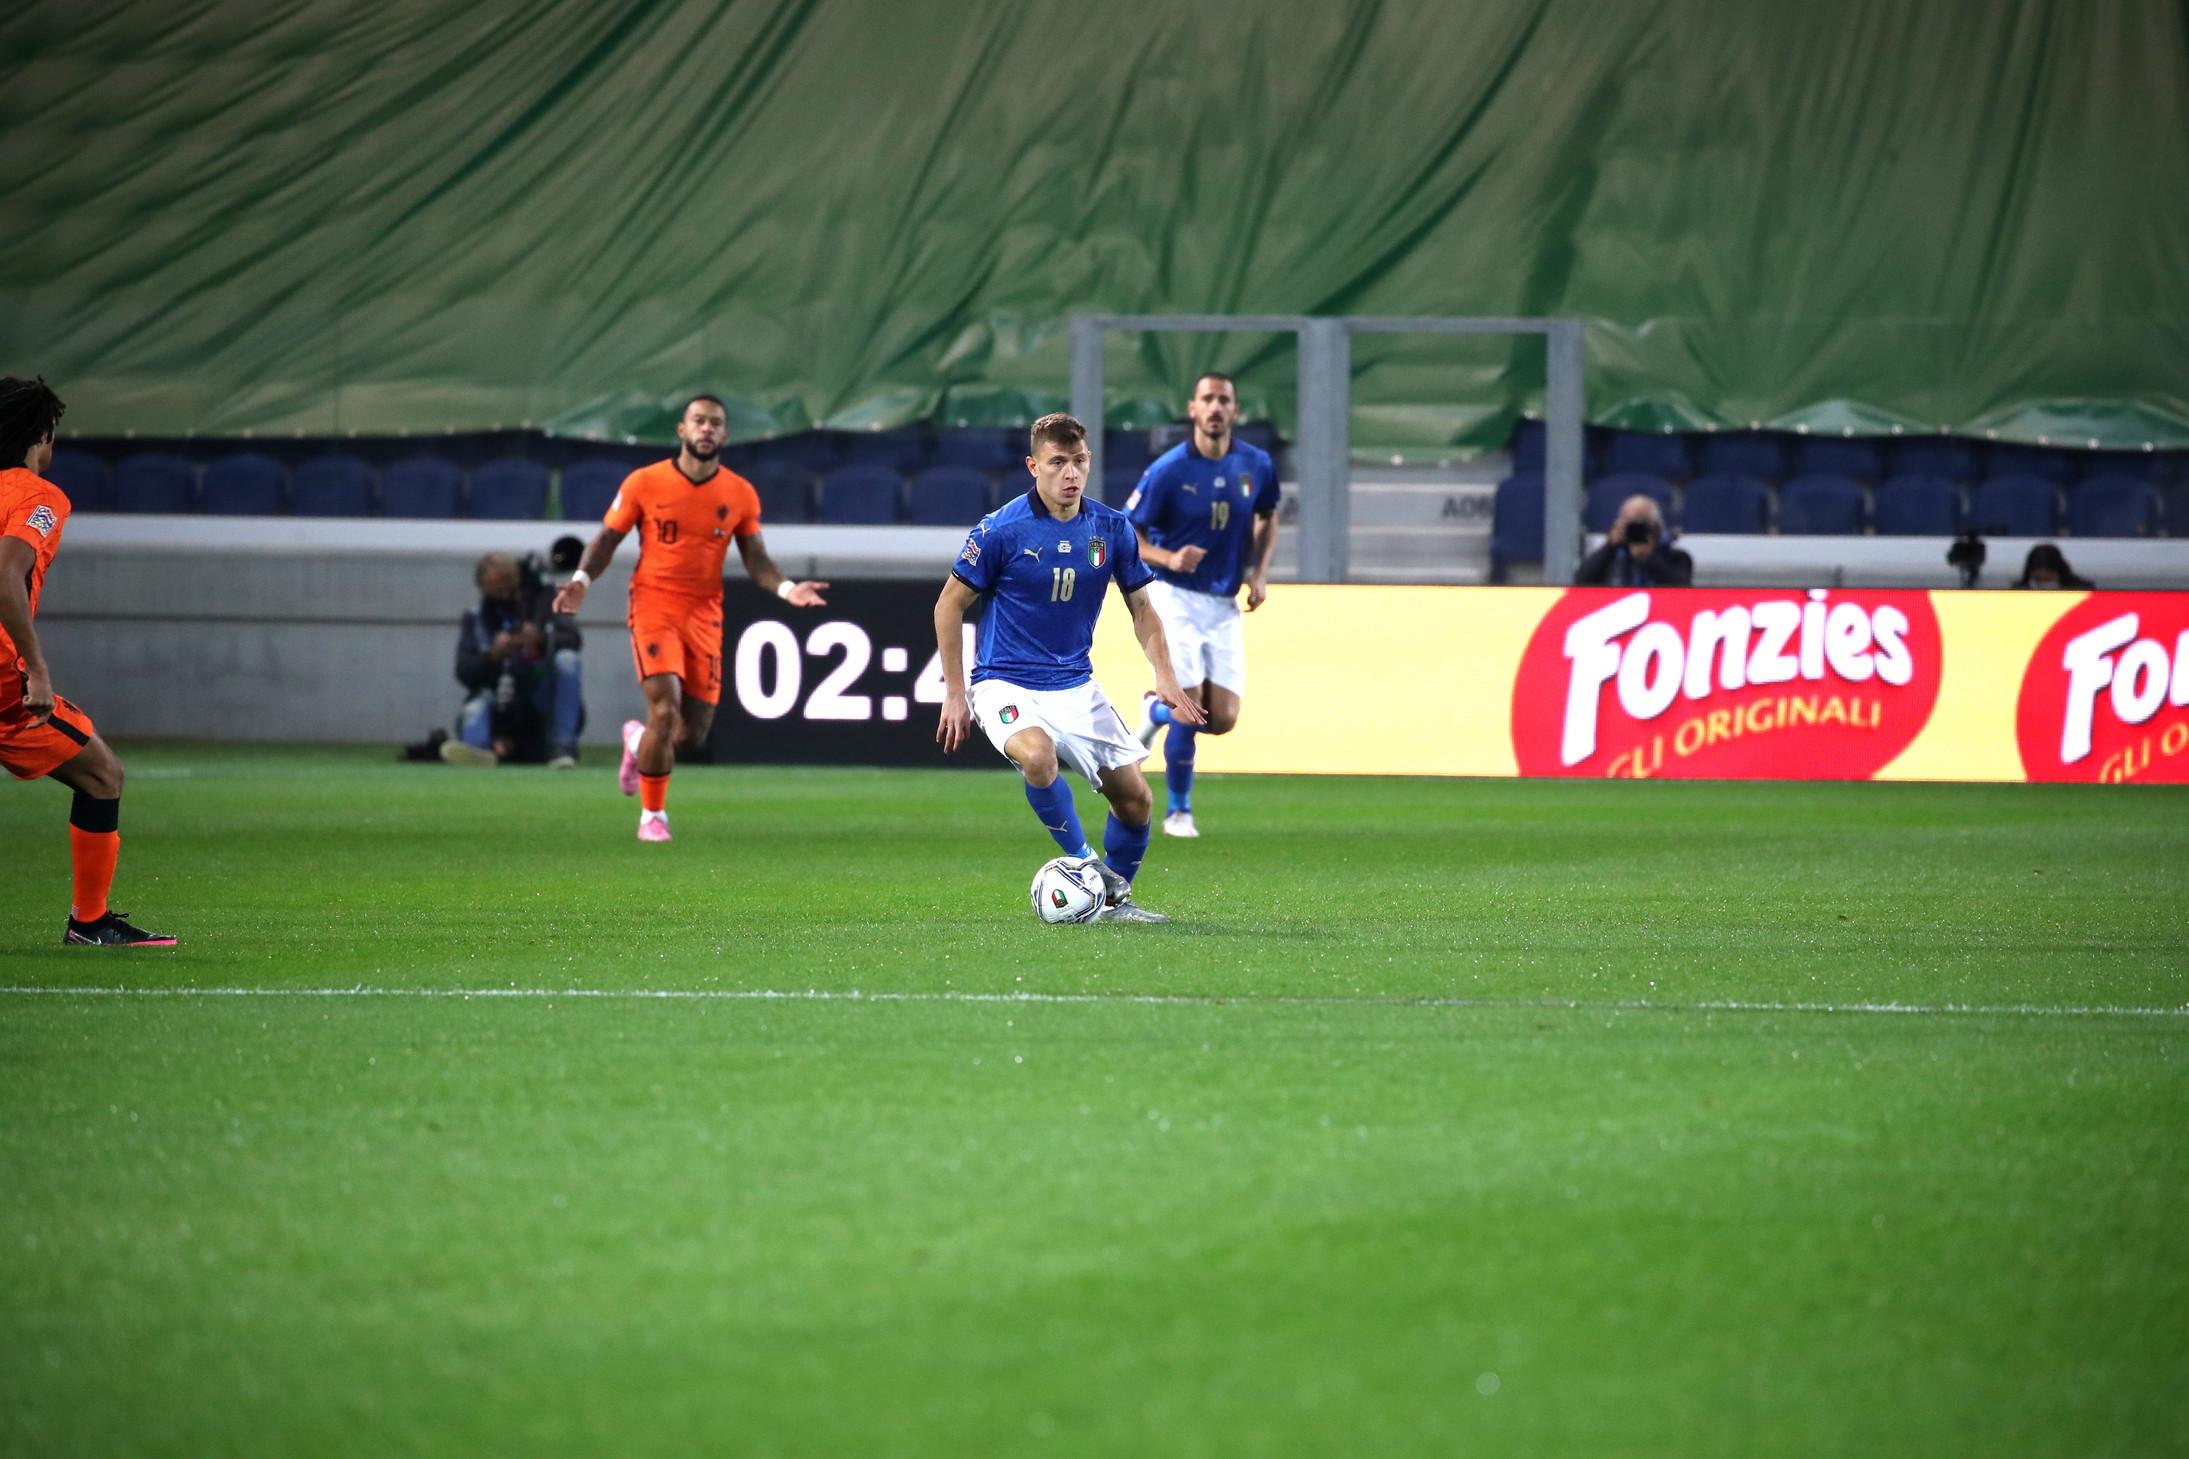 Italia-Olanda 1-1 in foto.<br /><br />